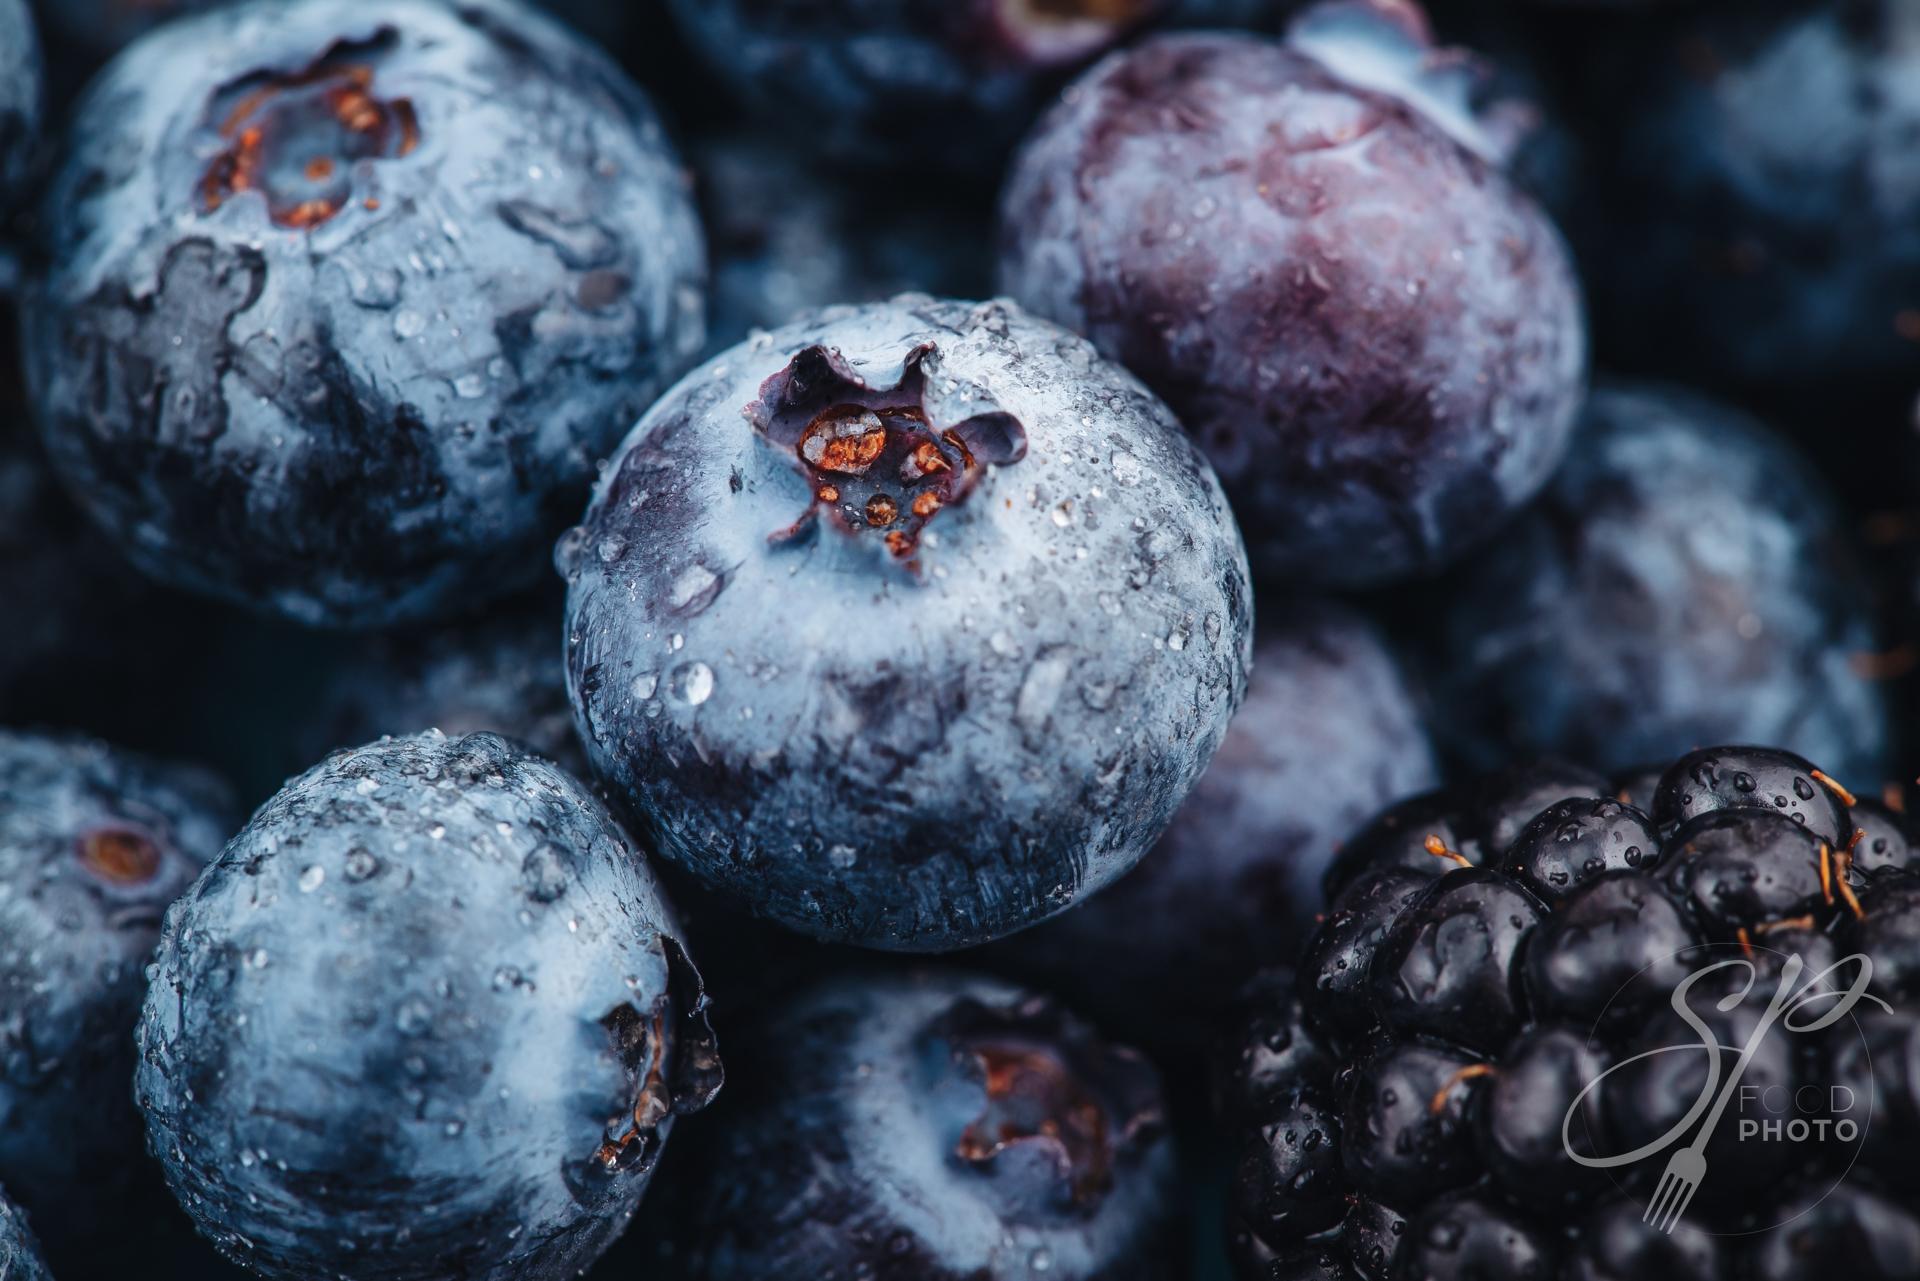 Beautiful macro of a fresh blueberry